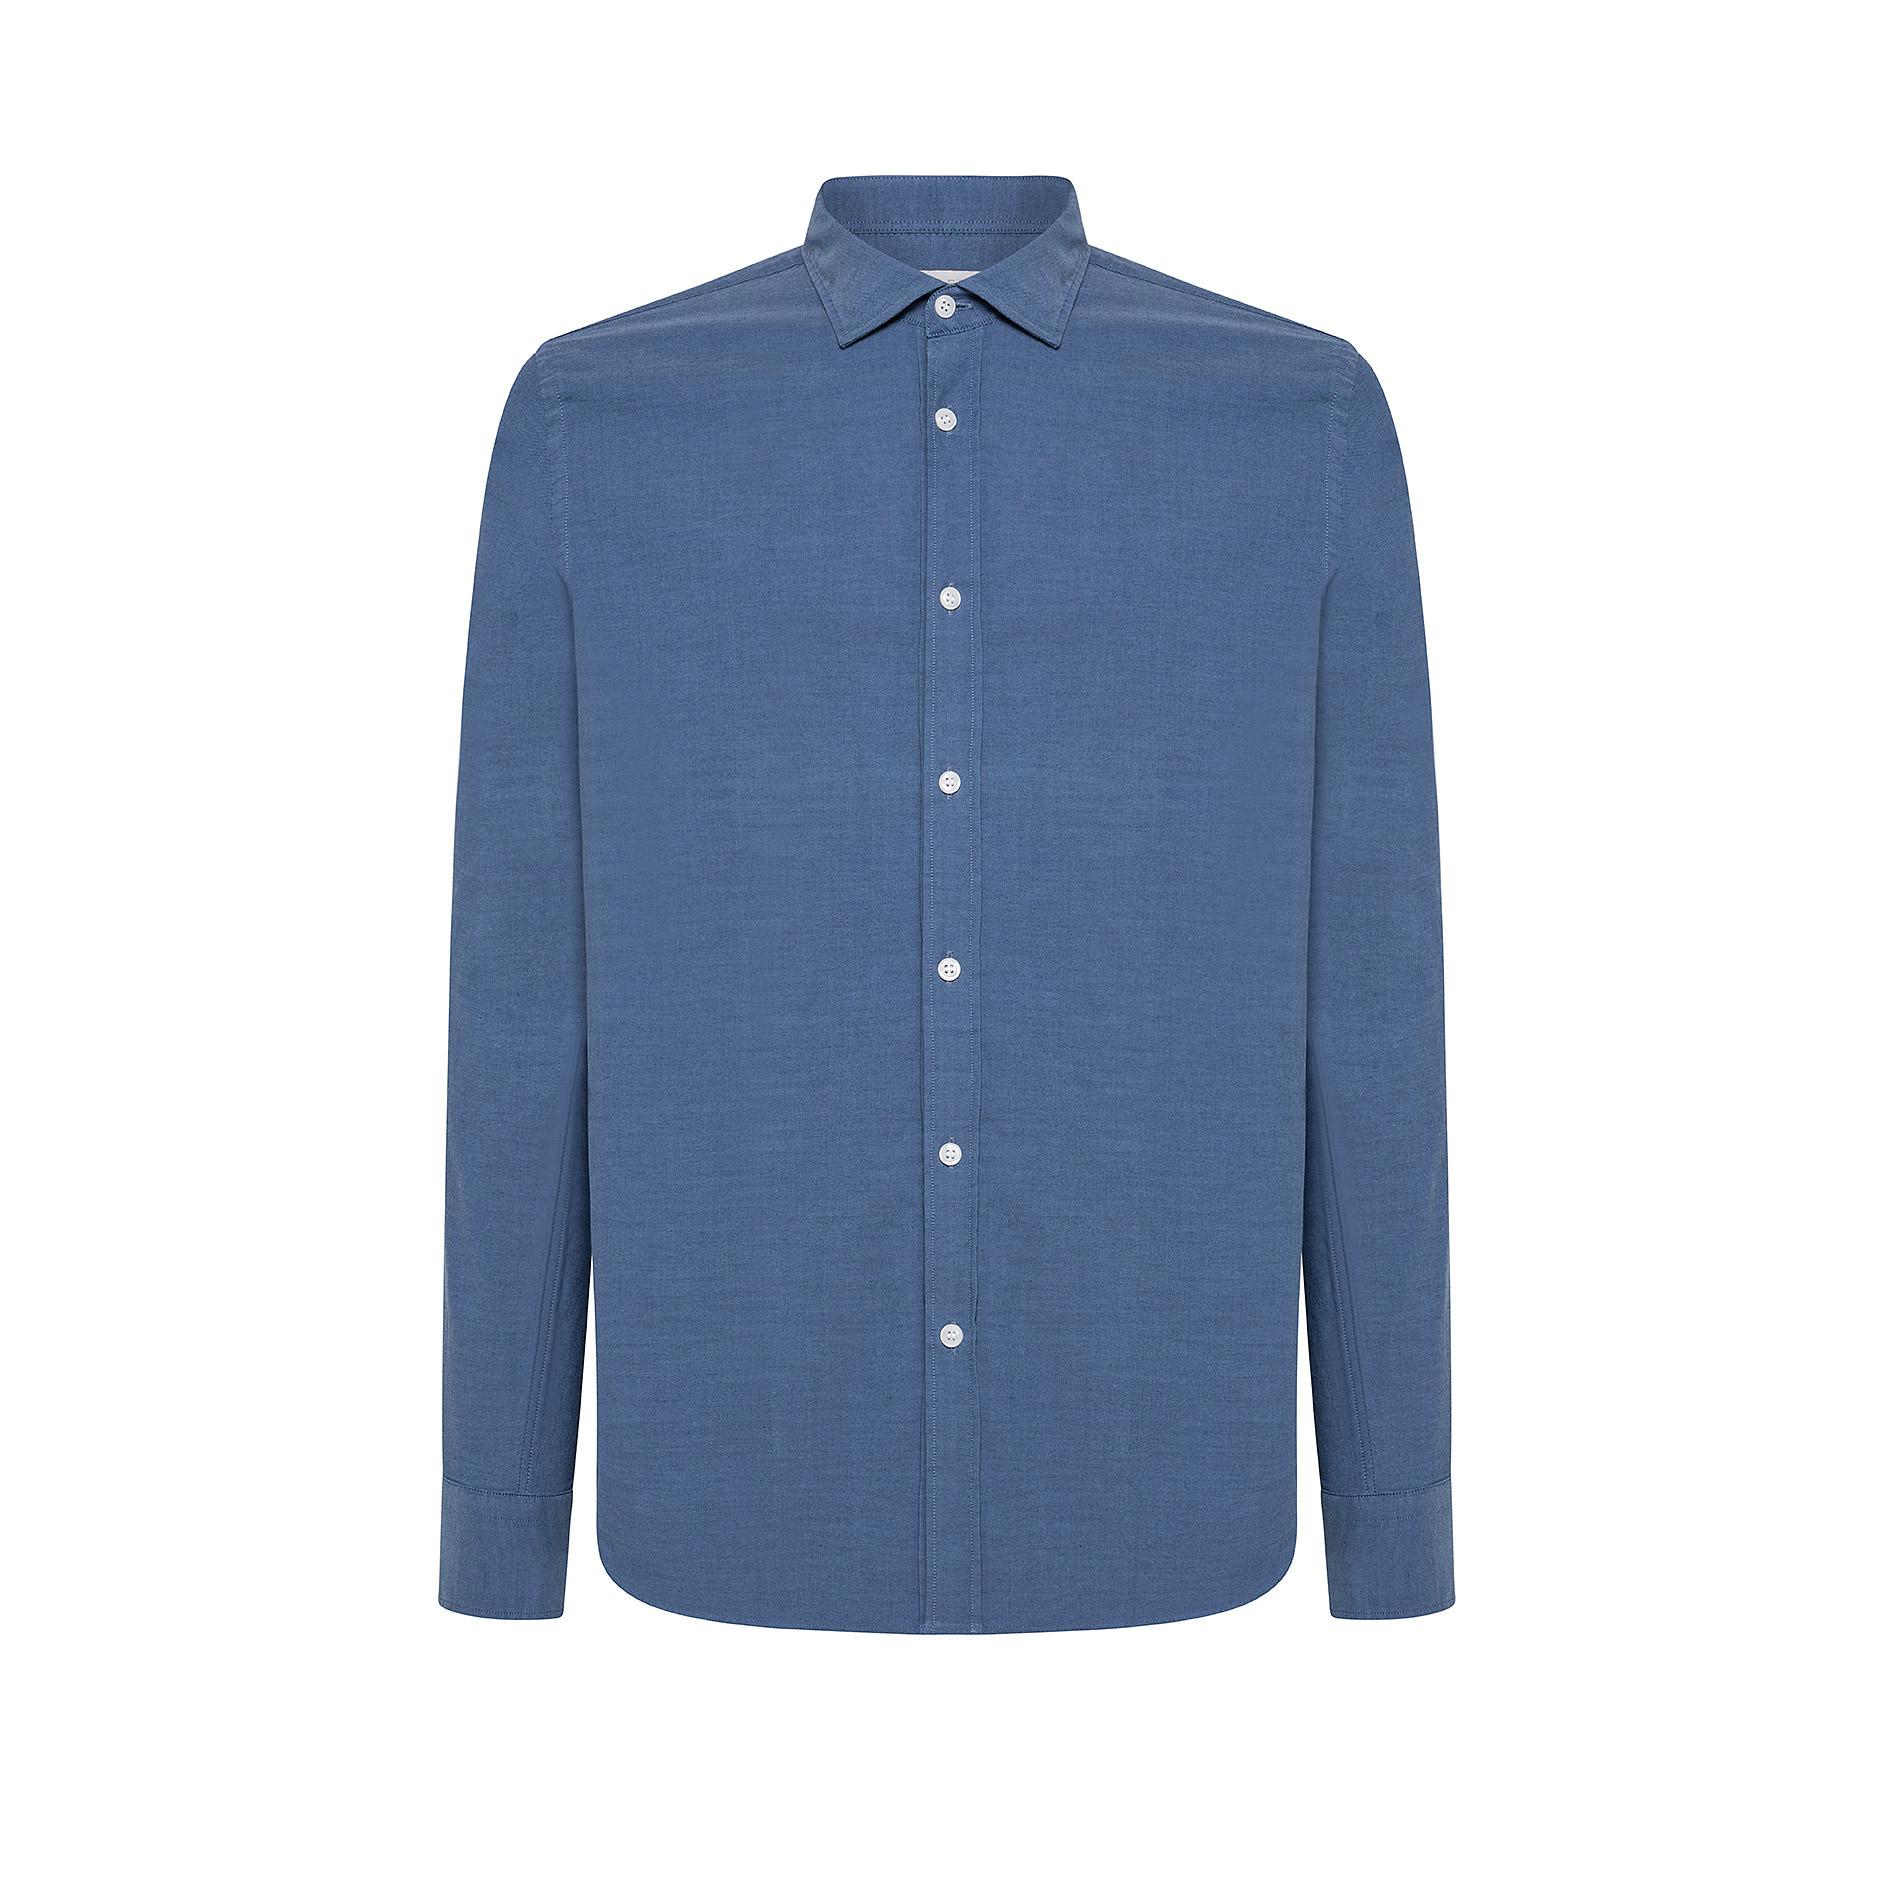 Camicia in cotone doppio ritorto, Denim, large image number 0